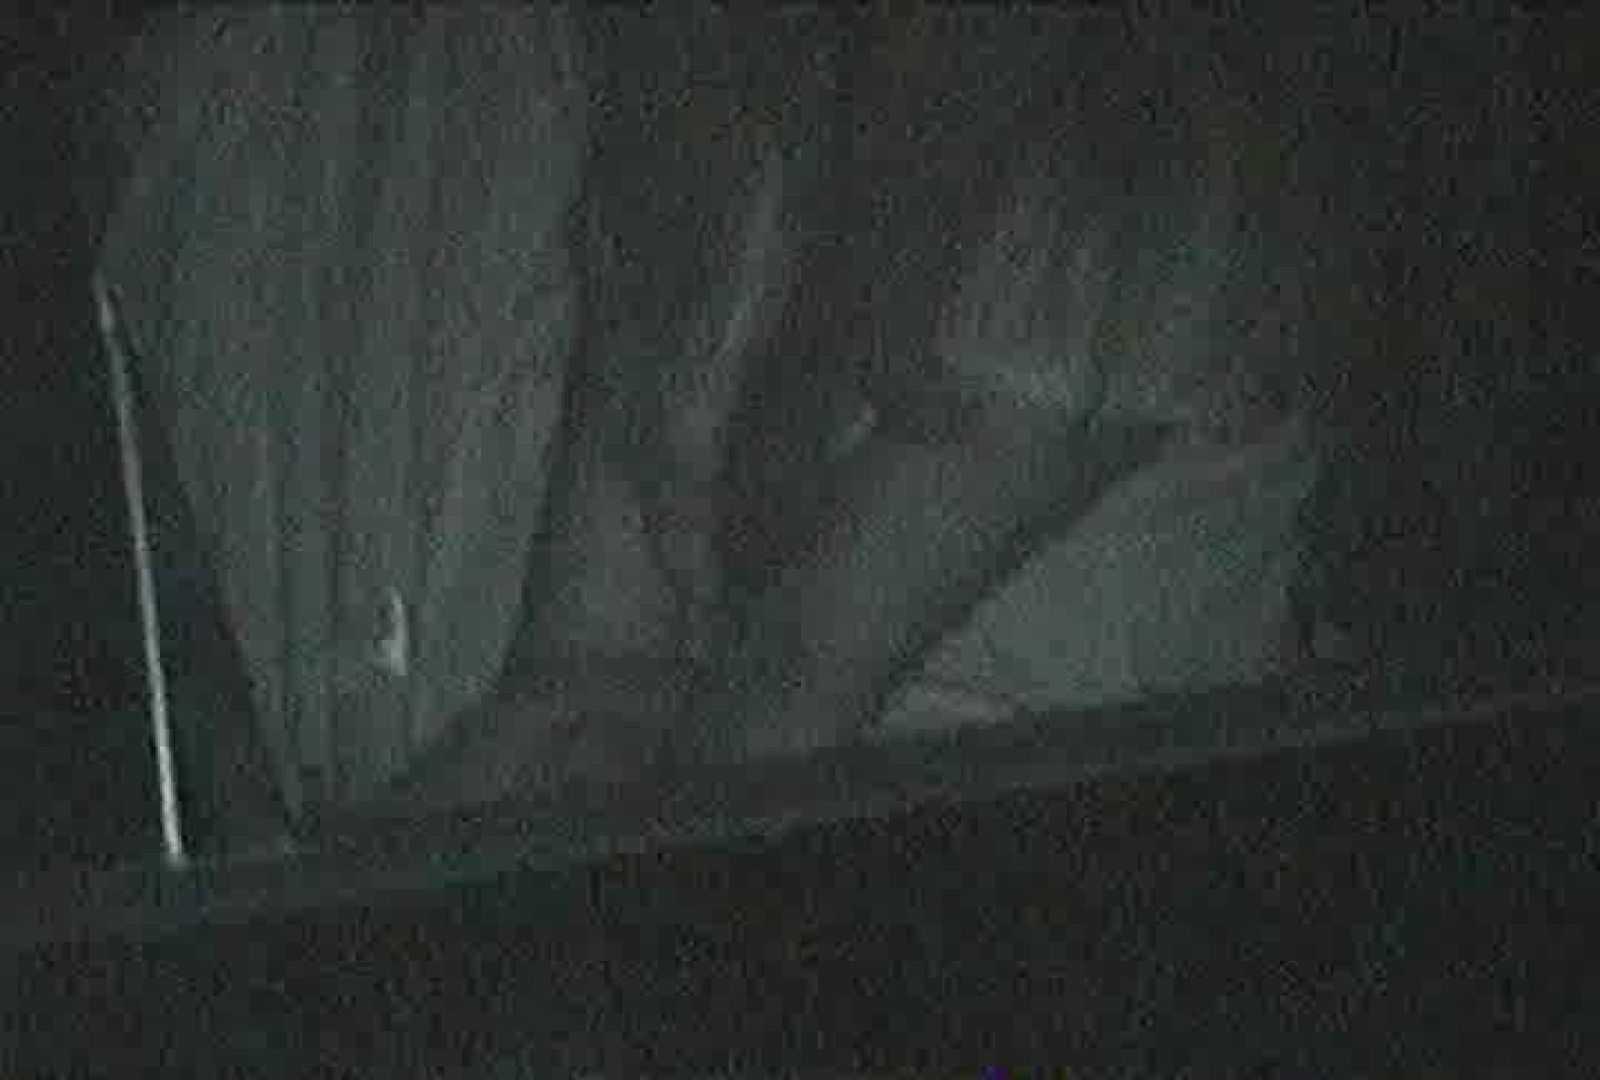 充血監督の深夜の運動会Vol.87 無修正マンコ | OLエロ画像  84PICs 1